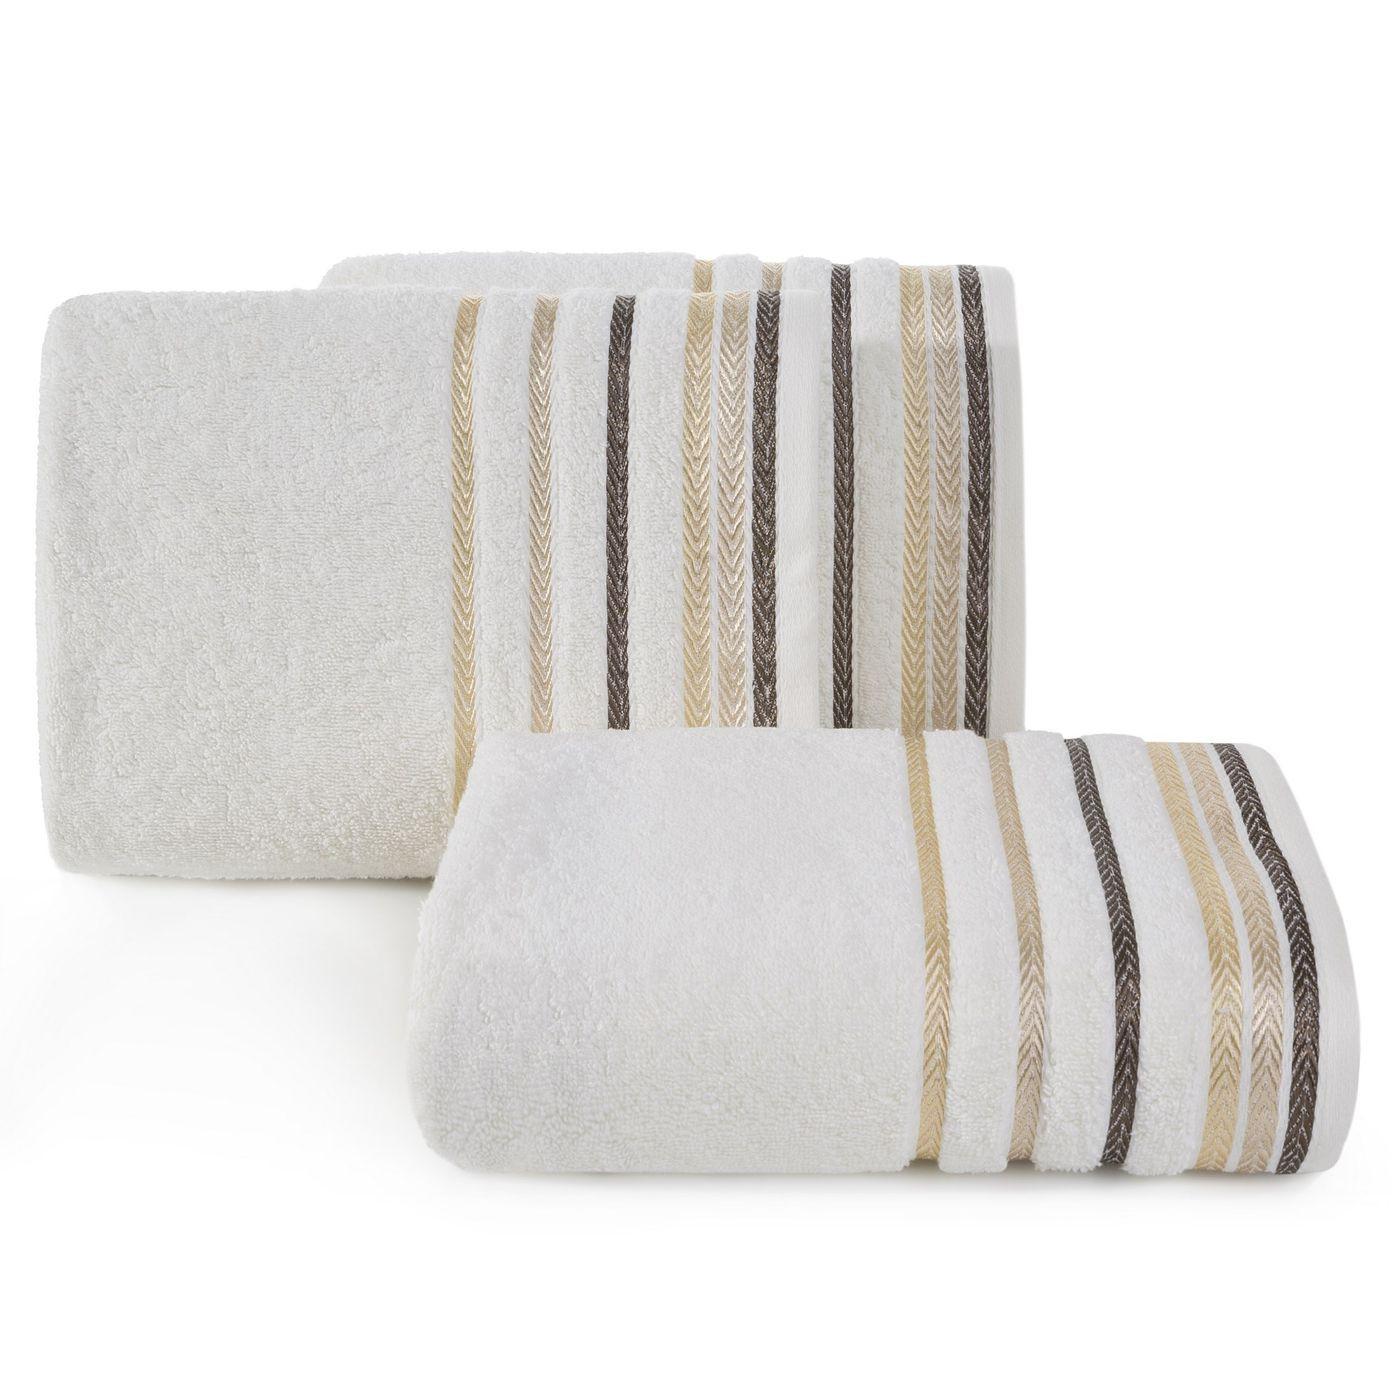 Ręcznik z bawełny z kolorowymi paskami w jodełkę 70x140cm kremowy